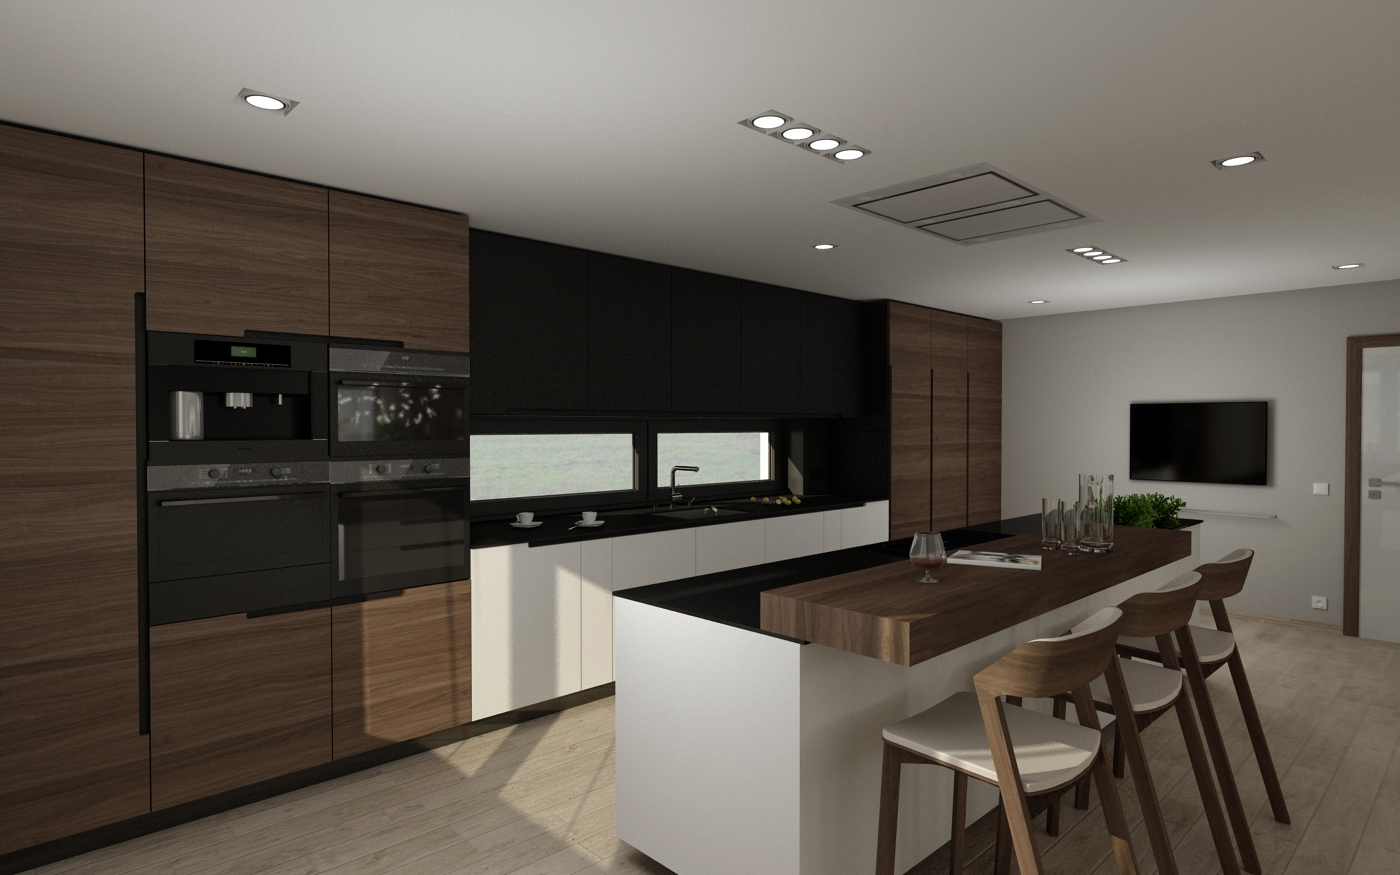 640_vizualizace_kuchyni_4